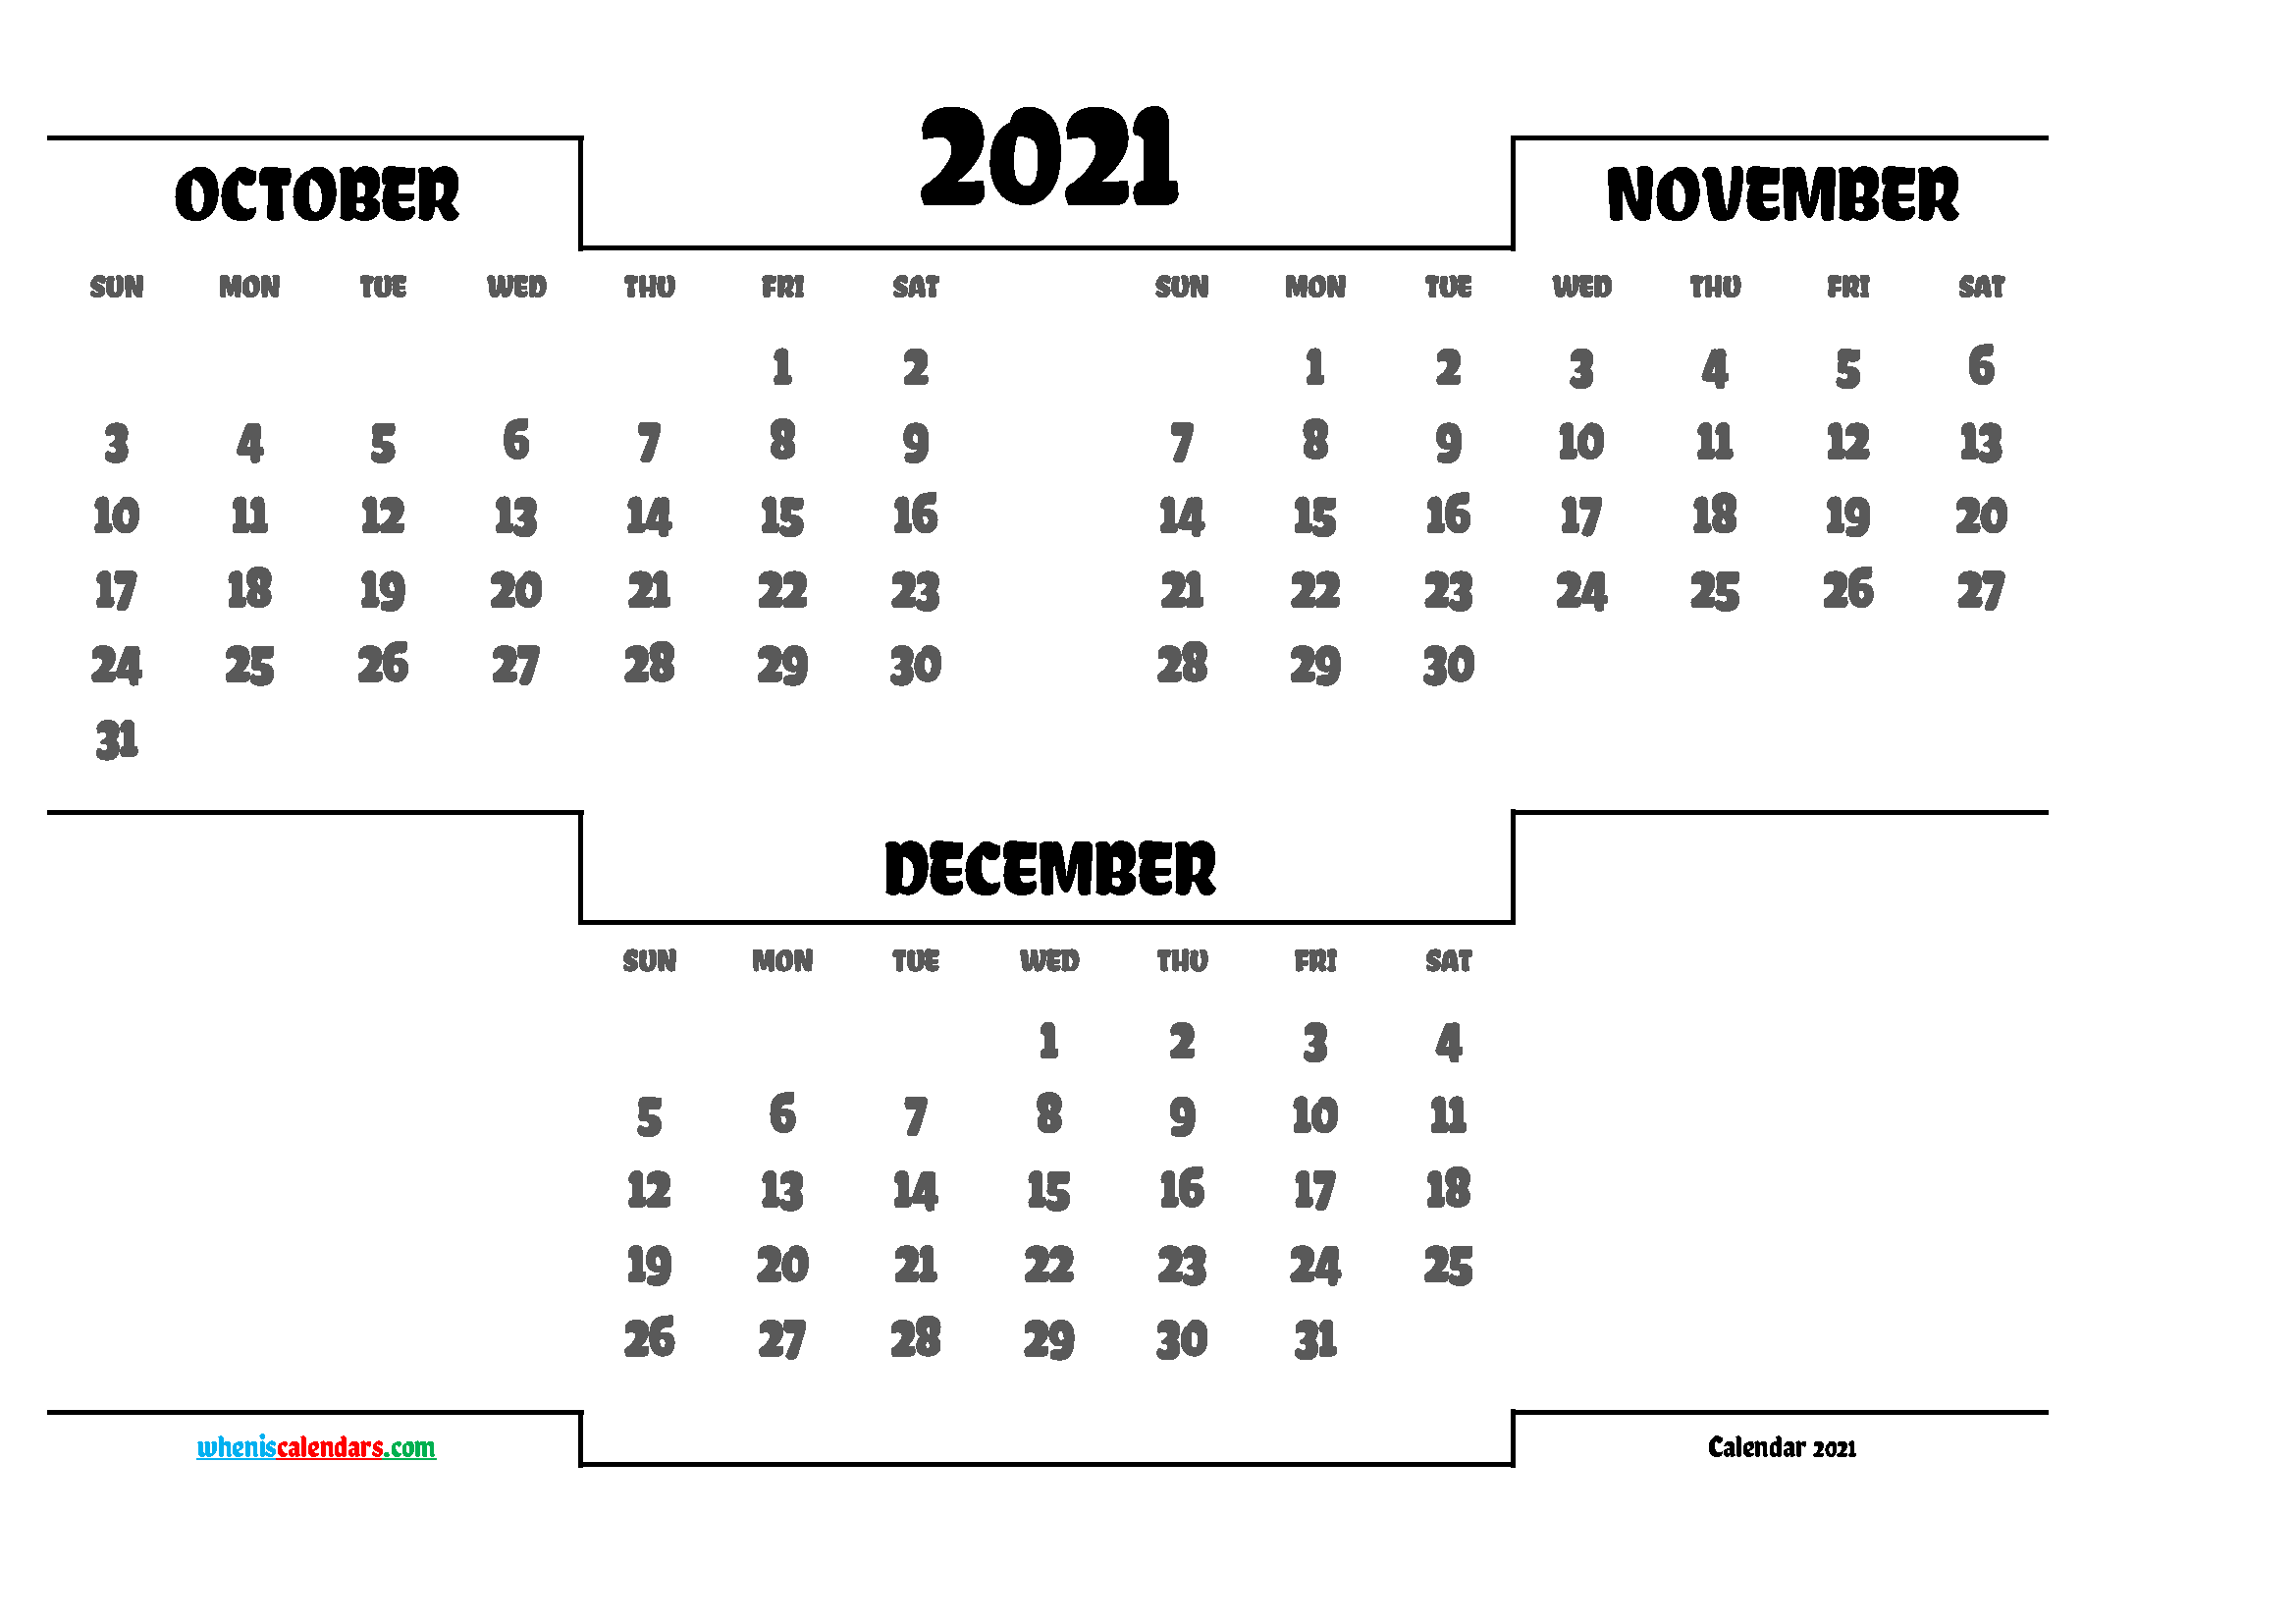 October November December 2021 Calendar printable 3 month calendar on one page